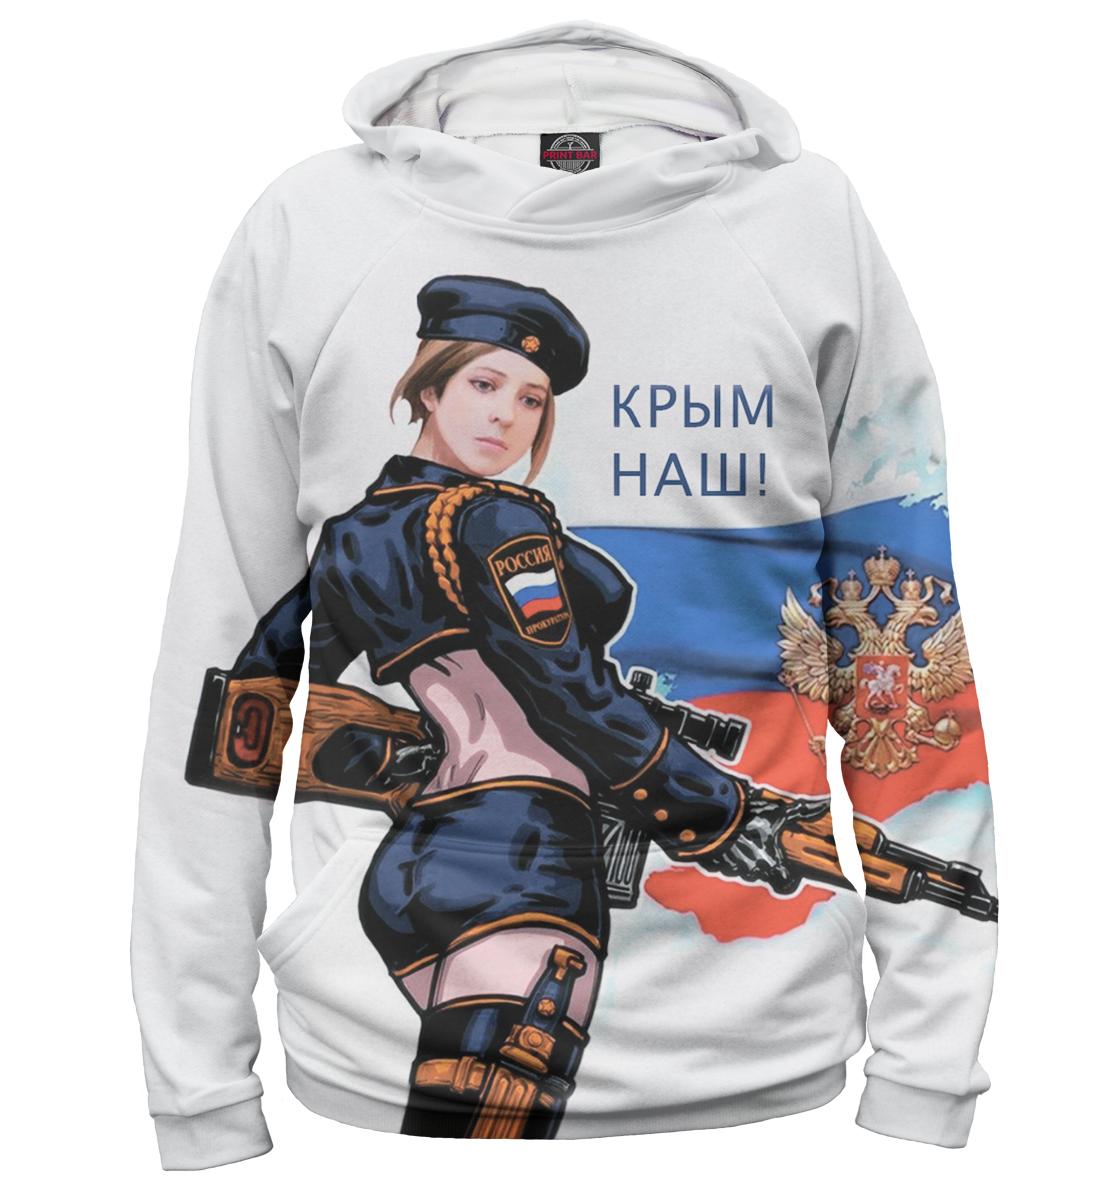 Крым наш прикольные картинки, для футбольного